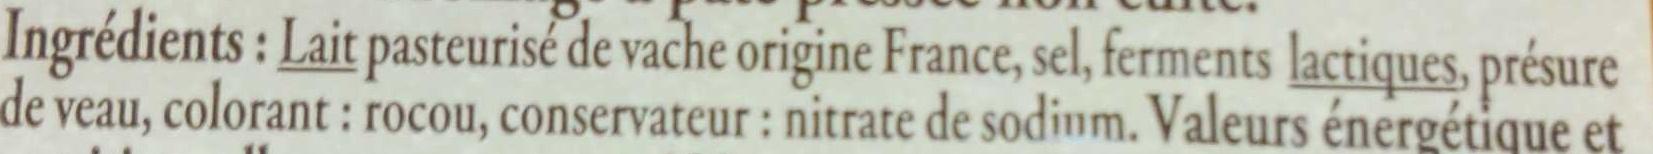 Mimolette vieille fabriquée en Normandie - Ingrédients